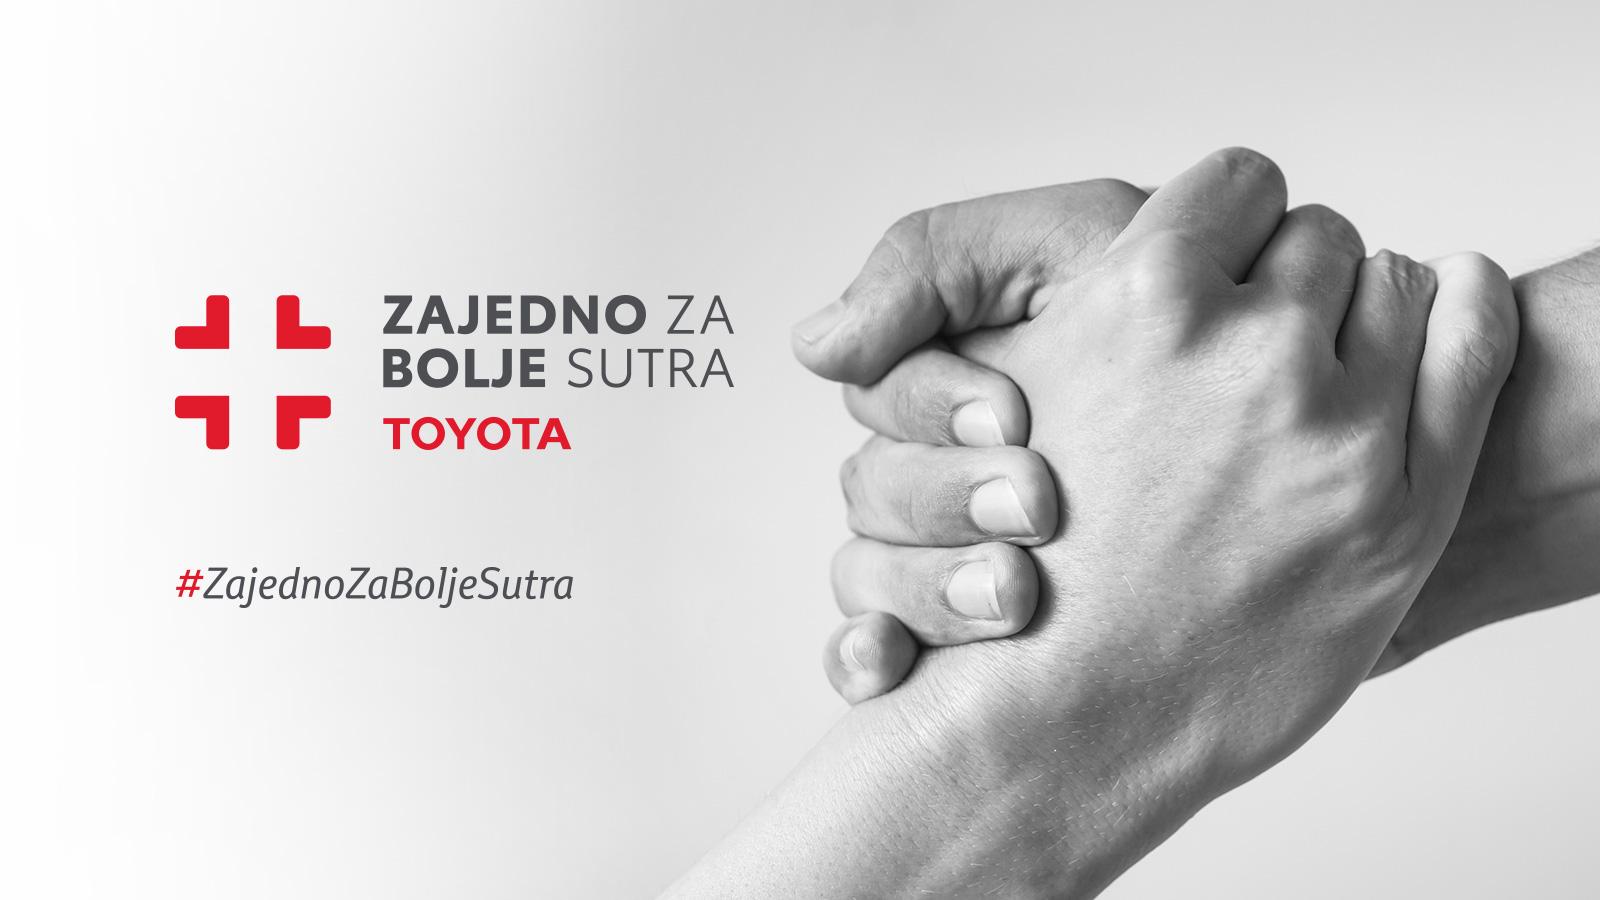 Toyota poziva na sudjelovanje u humanitarnoj akciji #ZajednoZaBoljeSutra